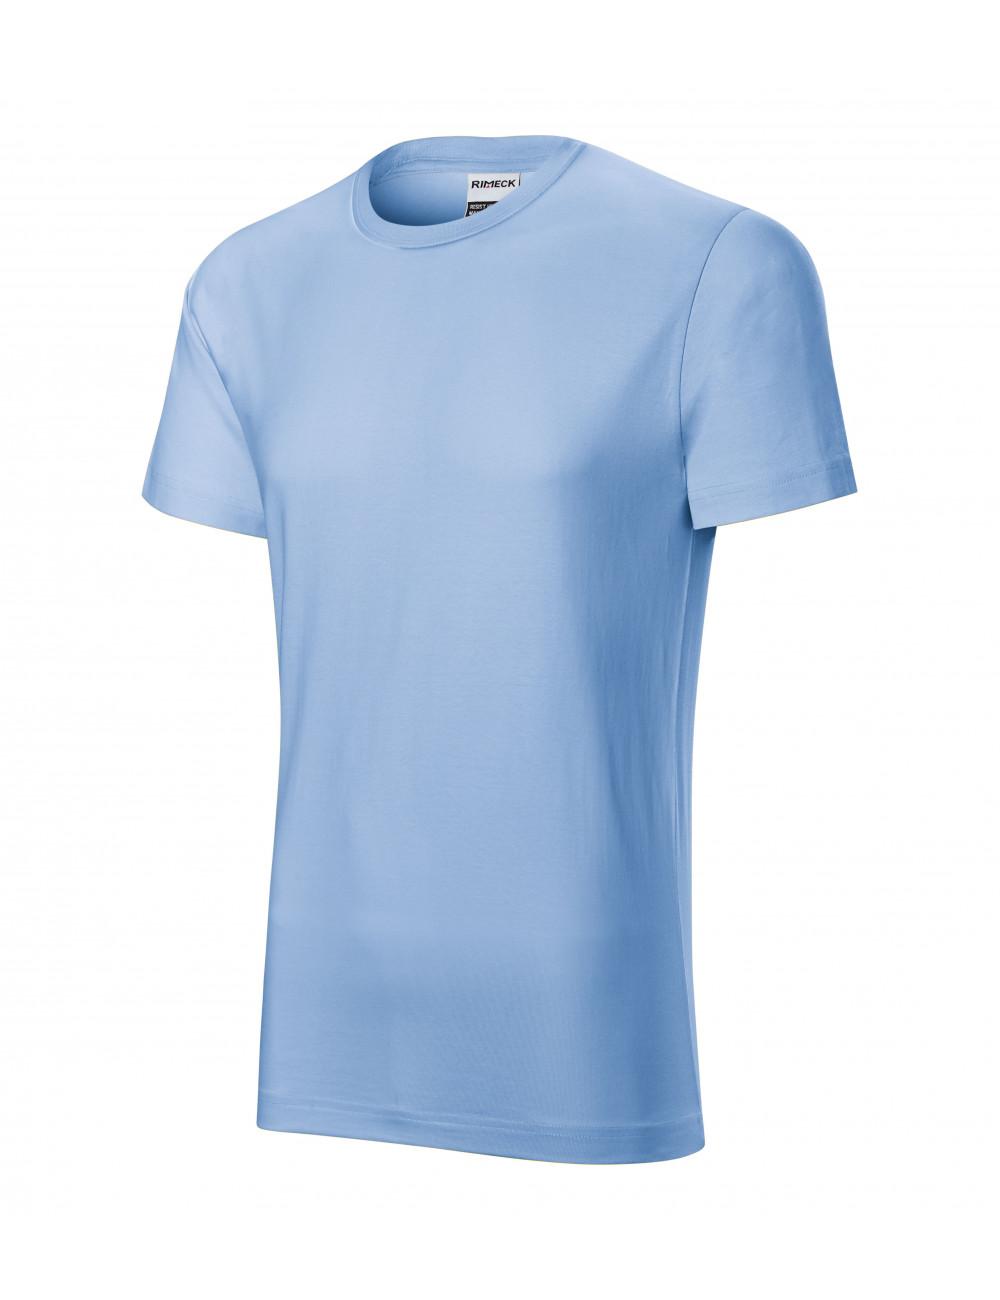 Adler RIMECK Koszulka męska Resist R01 błękitny